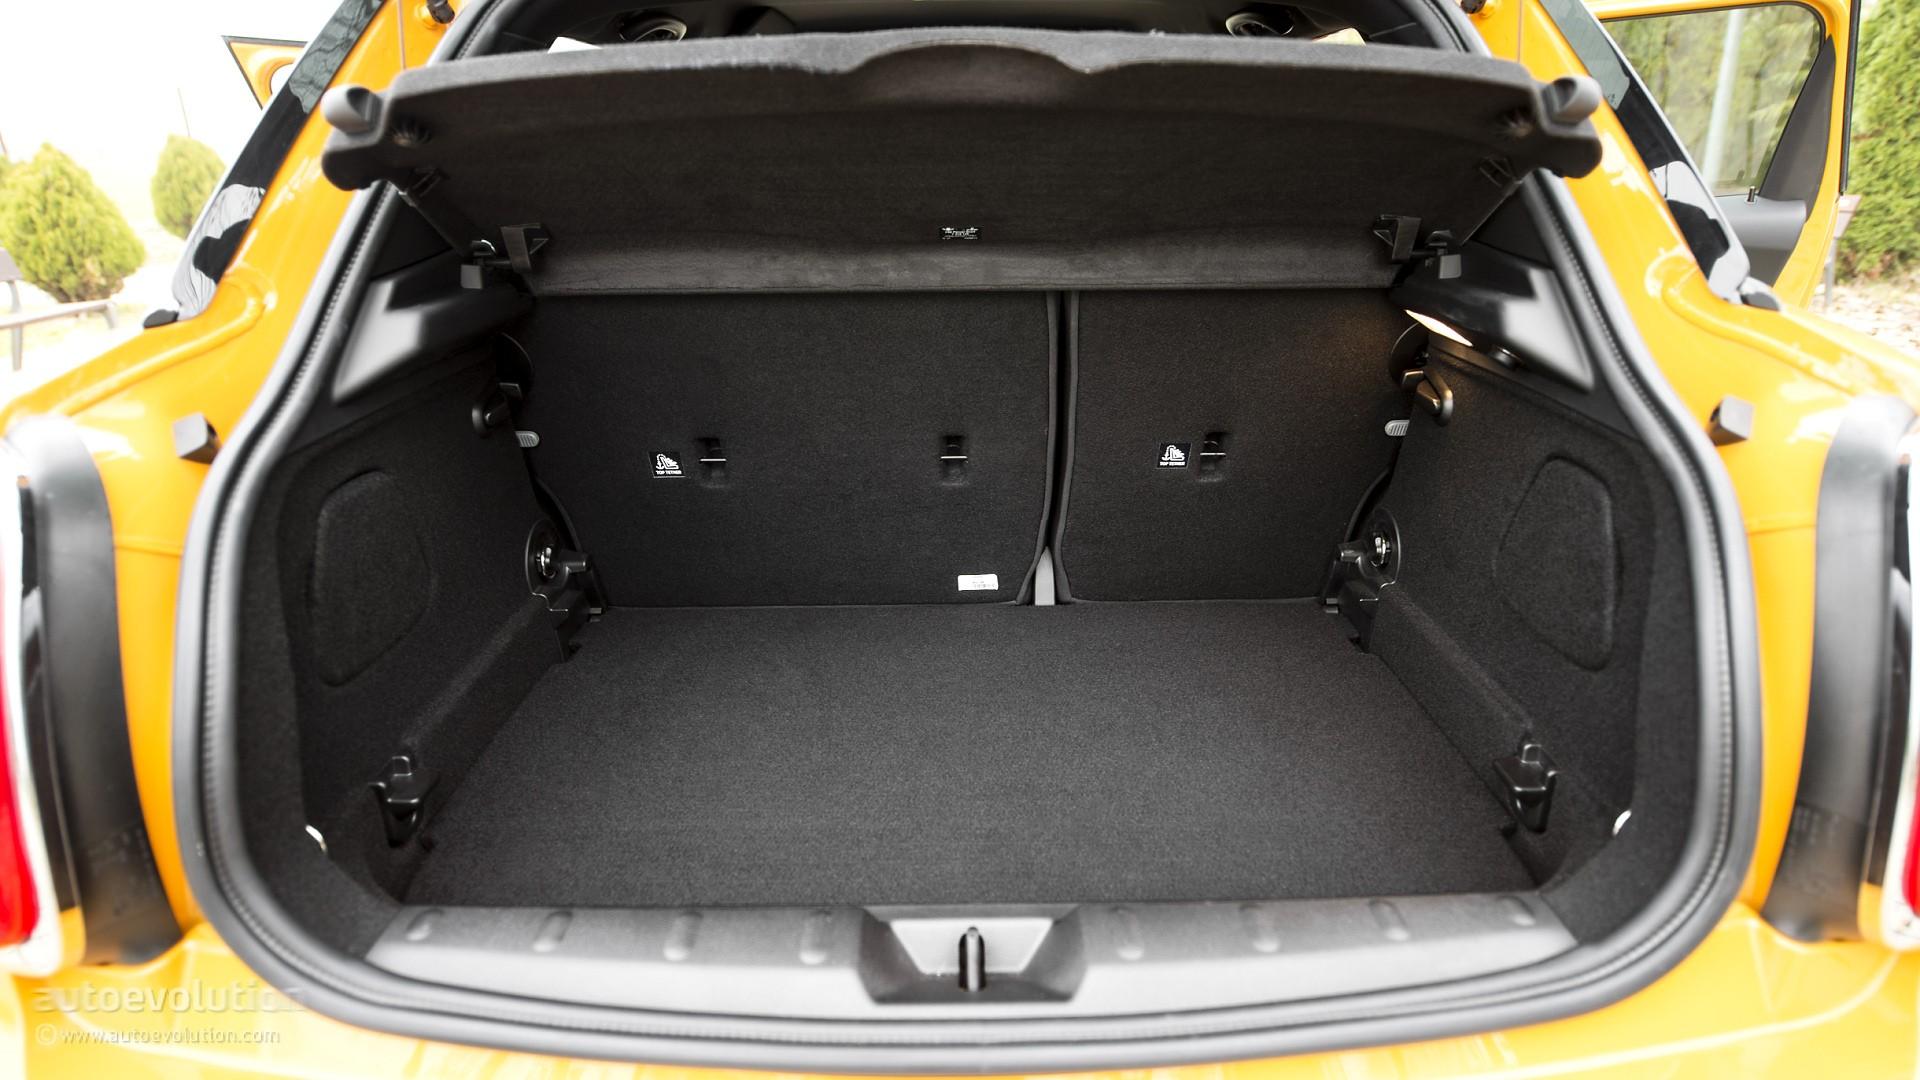 Photo gallery (63) & 2014 MINI Cooper S Hardtop 5-door Review - autoevolution